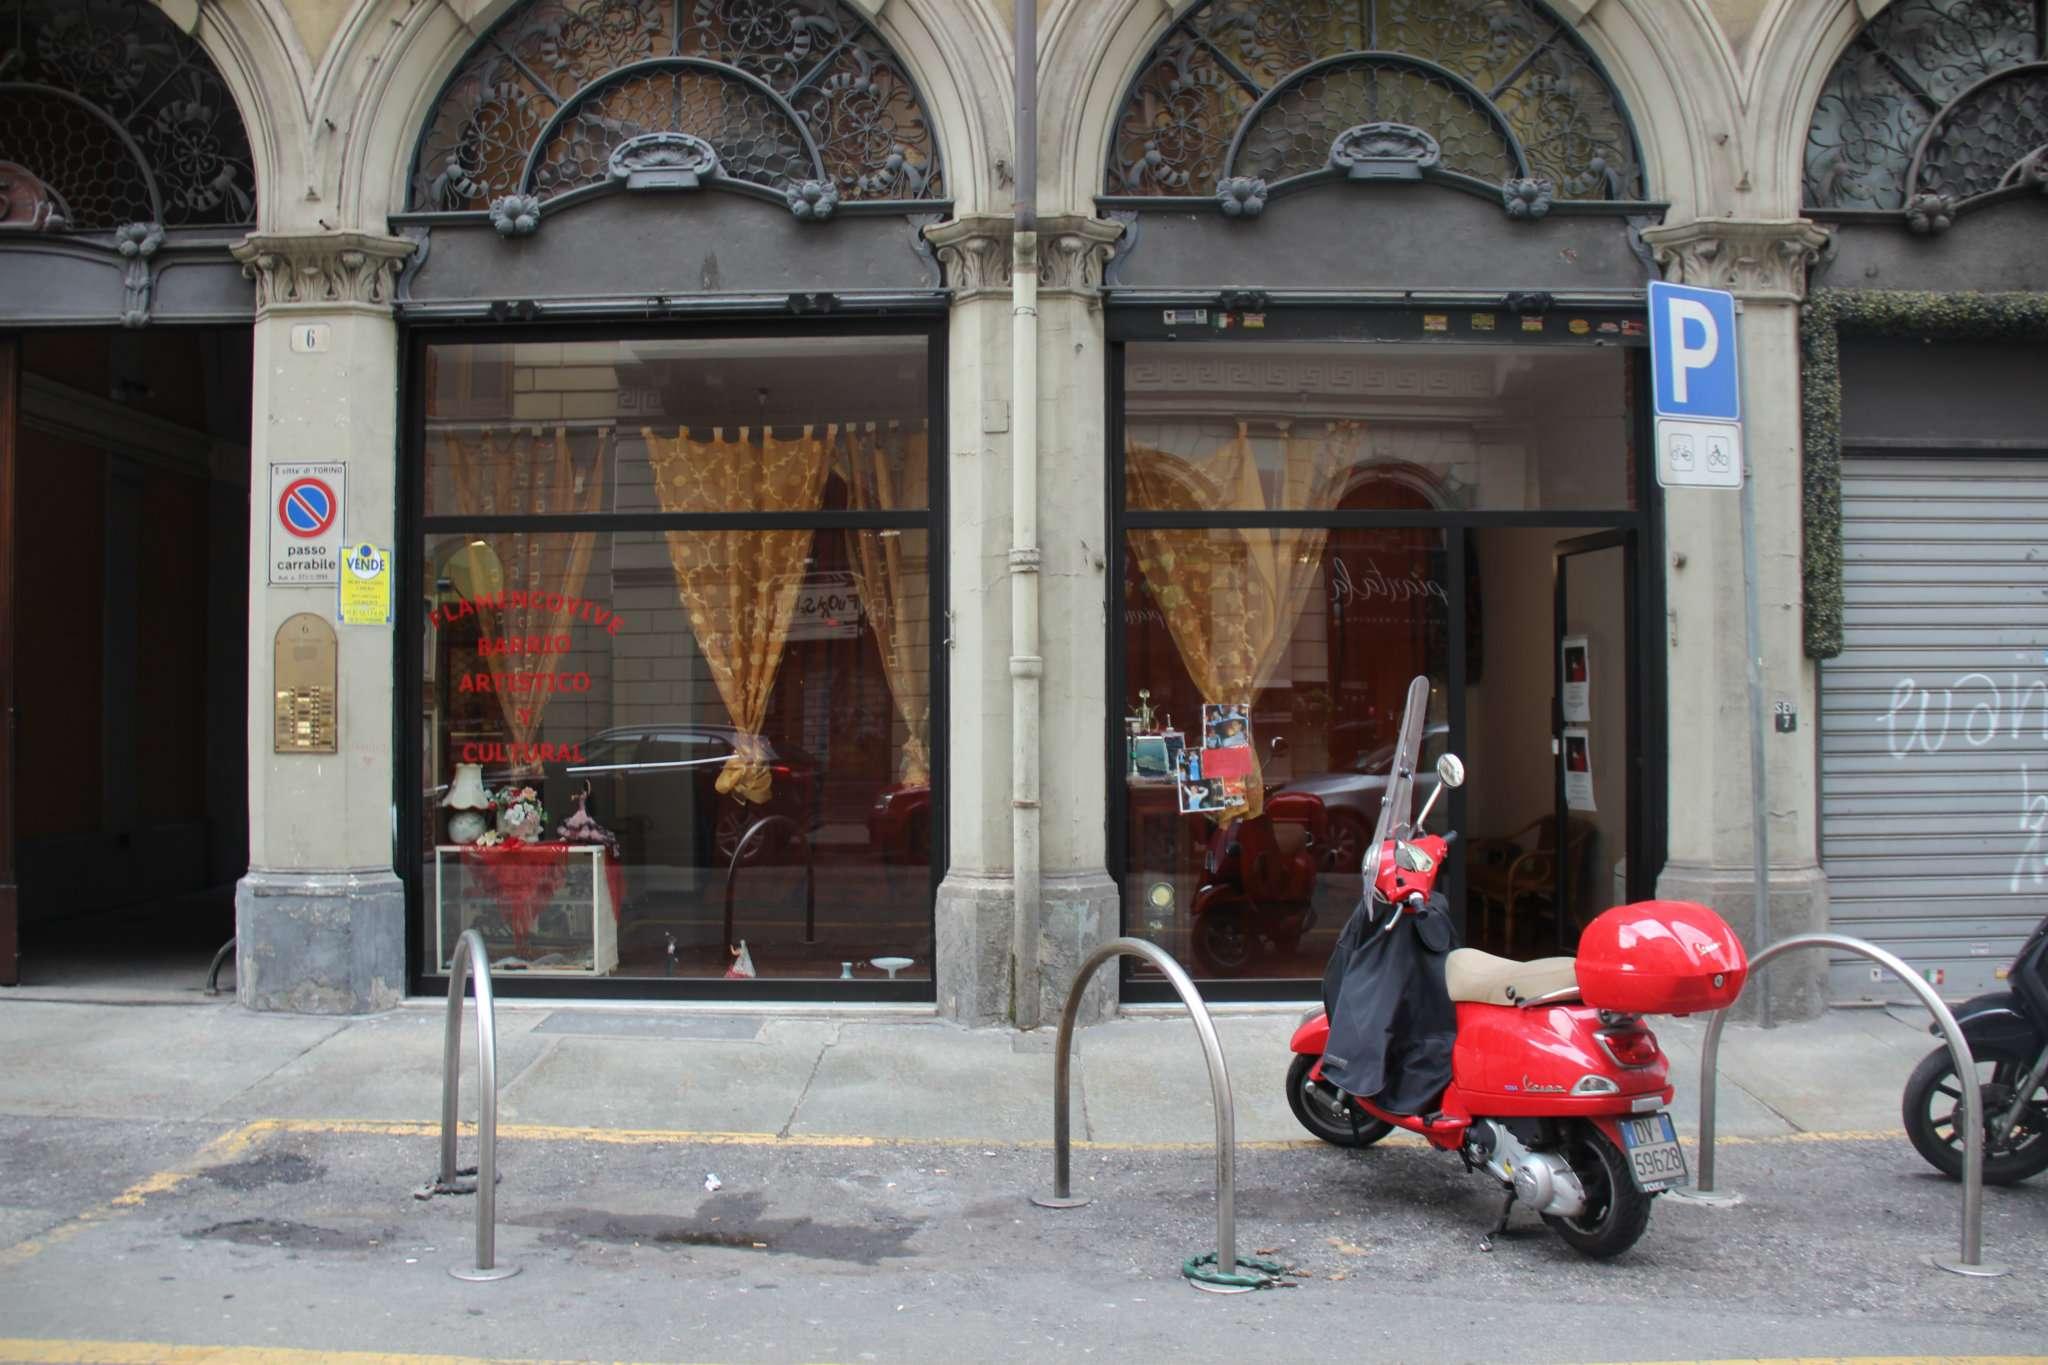 Immagine immobiliare Muri negozio ottimamente ristruttrato Torino, in zona centrale tra Corso Vittorio e Corso Matteotti proponiamo in vendita bellissimo negozio di 80 mq circa con soppalco. Il locale ottimamente ristrutturato è dotato di bagno...